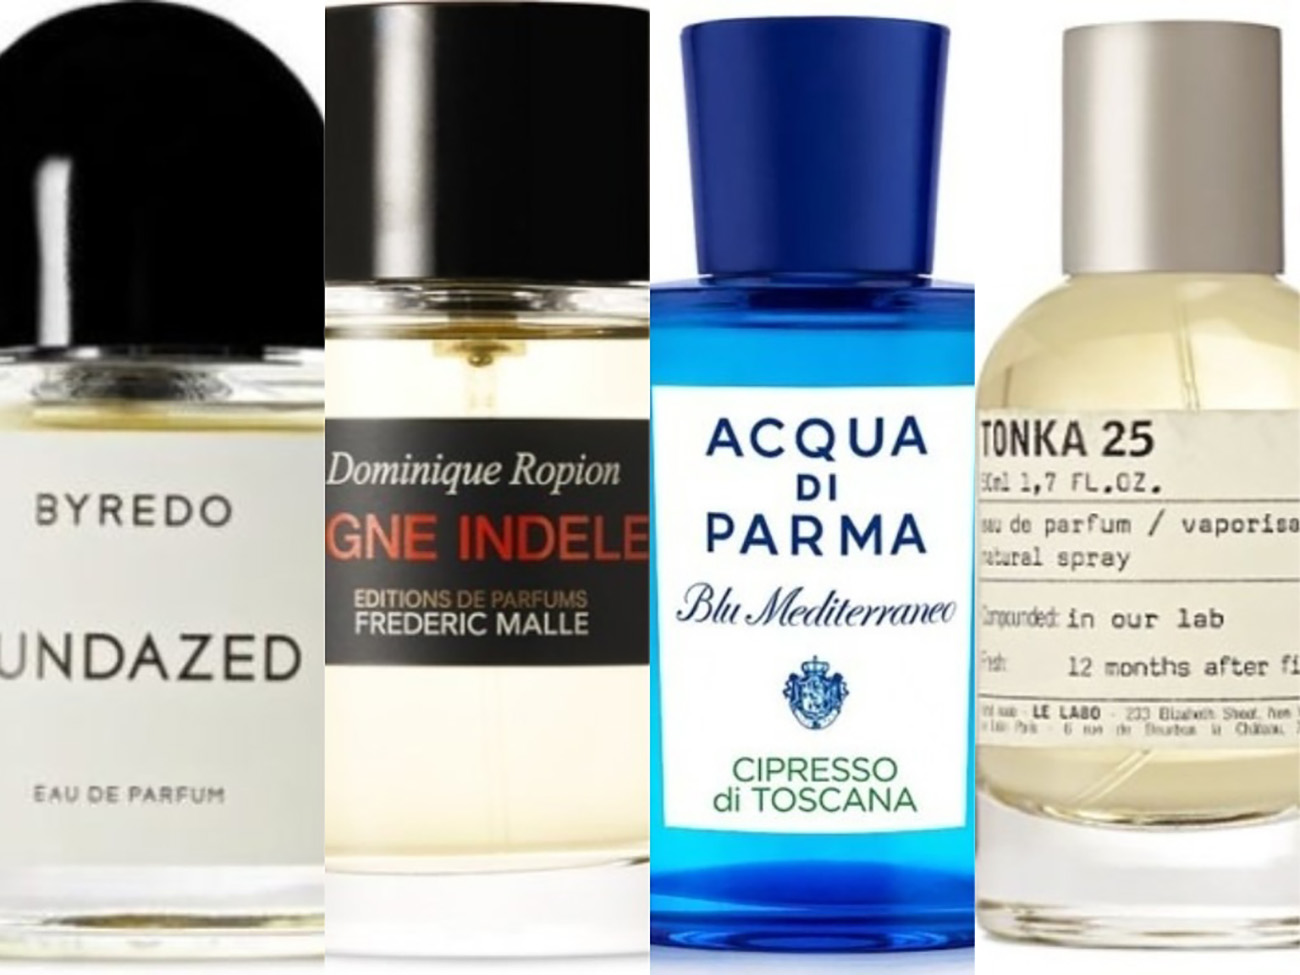 4 μυστικά για να διαρκεί το άρωμα σας περισσότερο